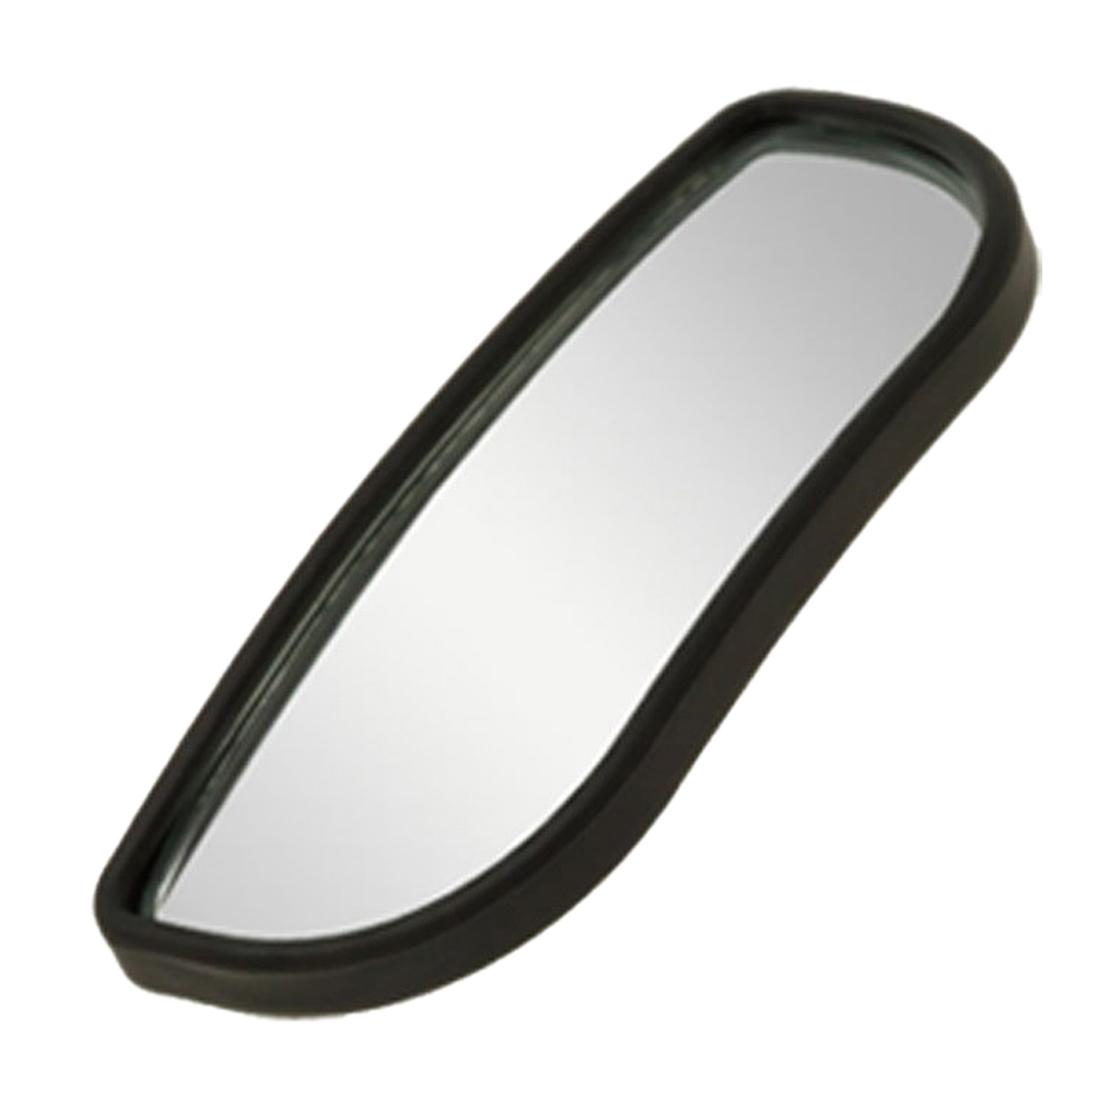 Ободки на боковые зеркала, Зеркала 2